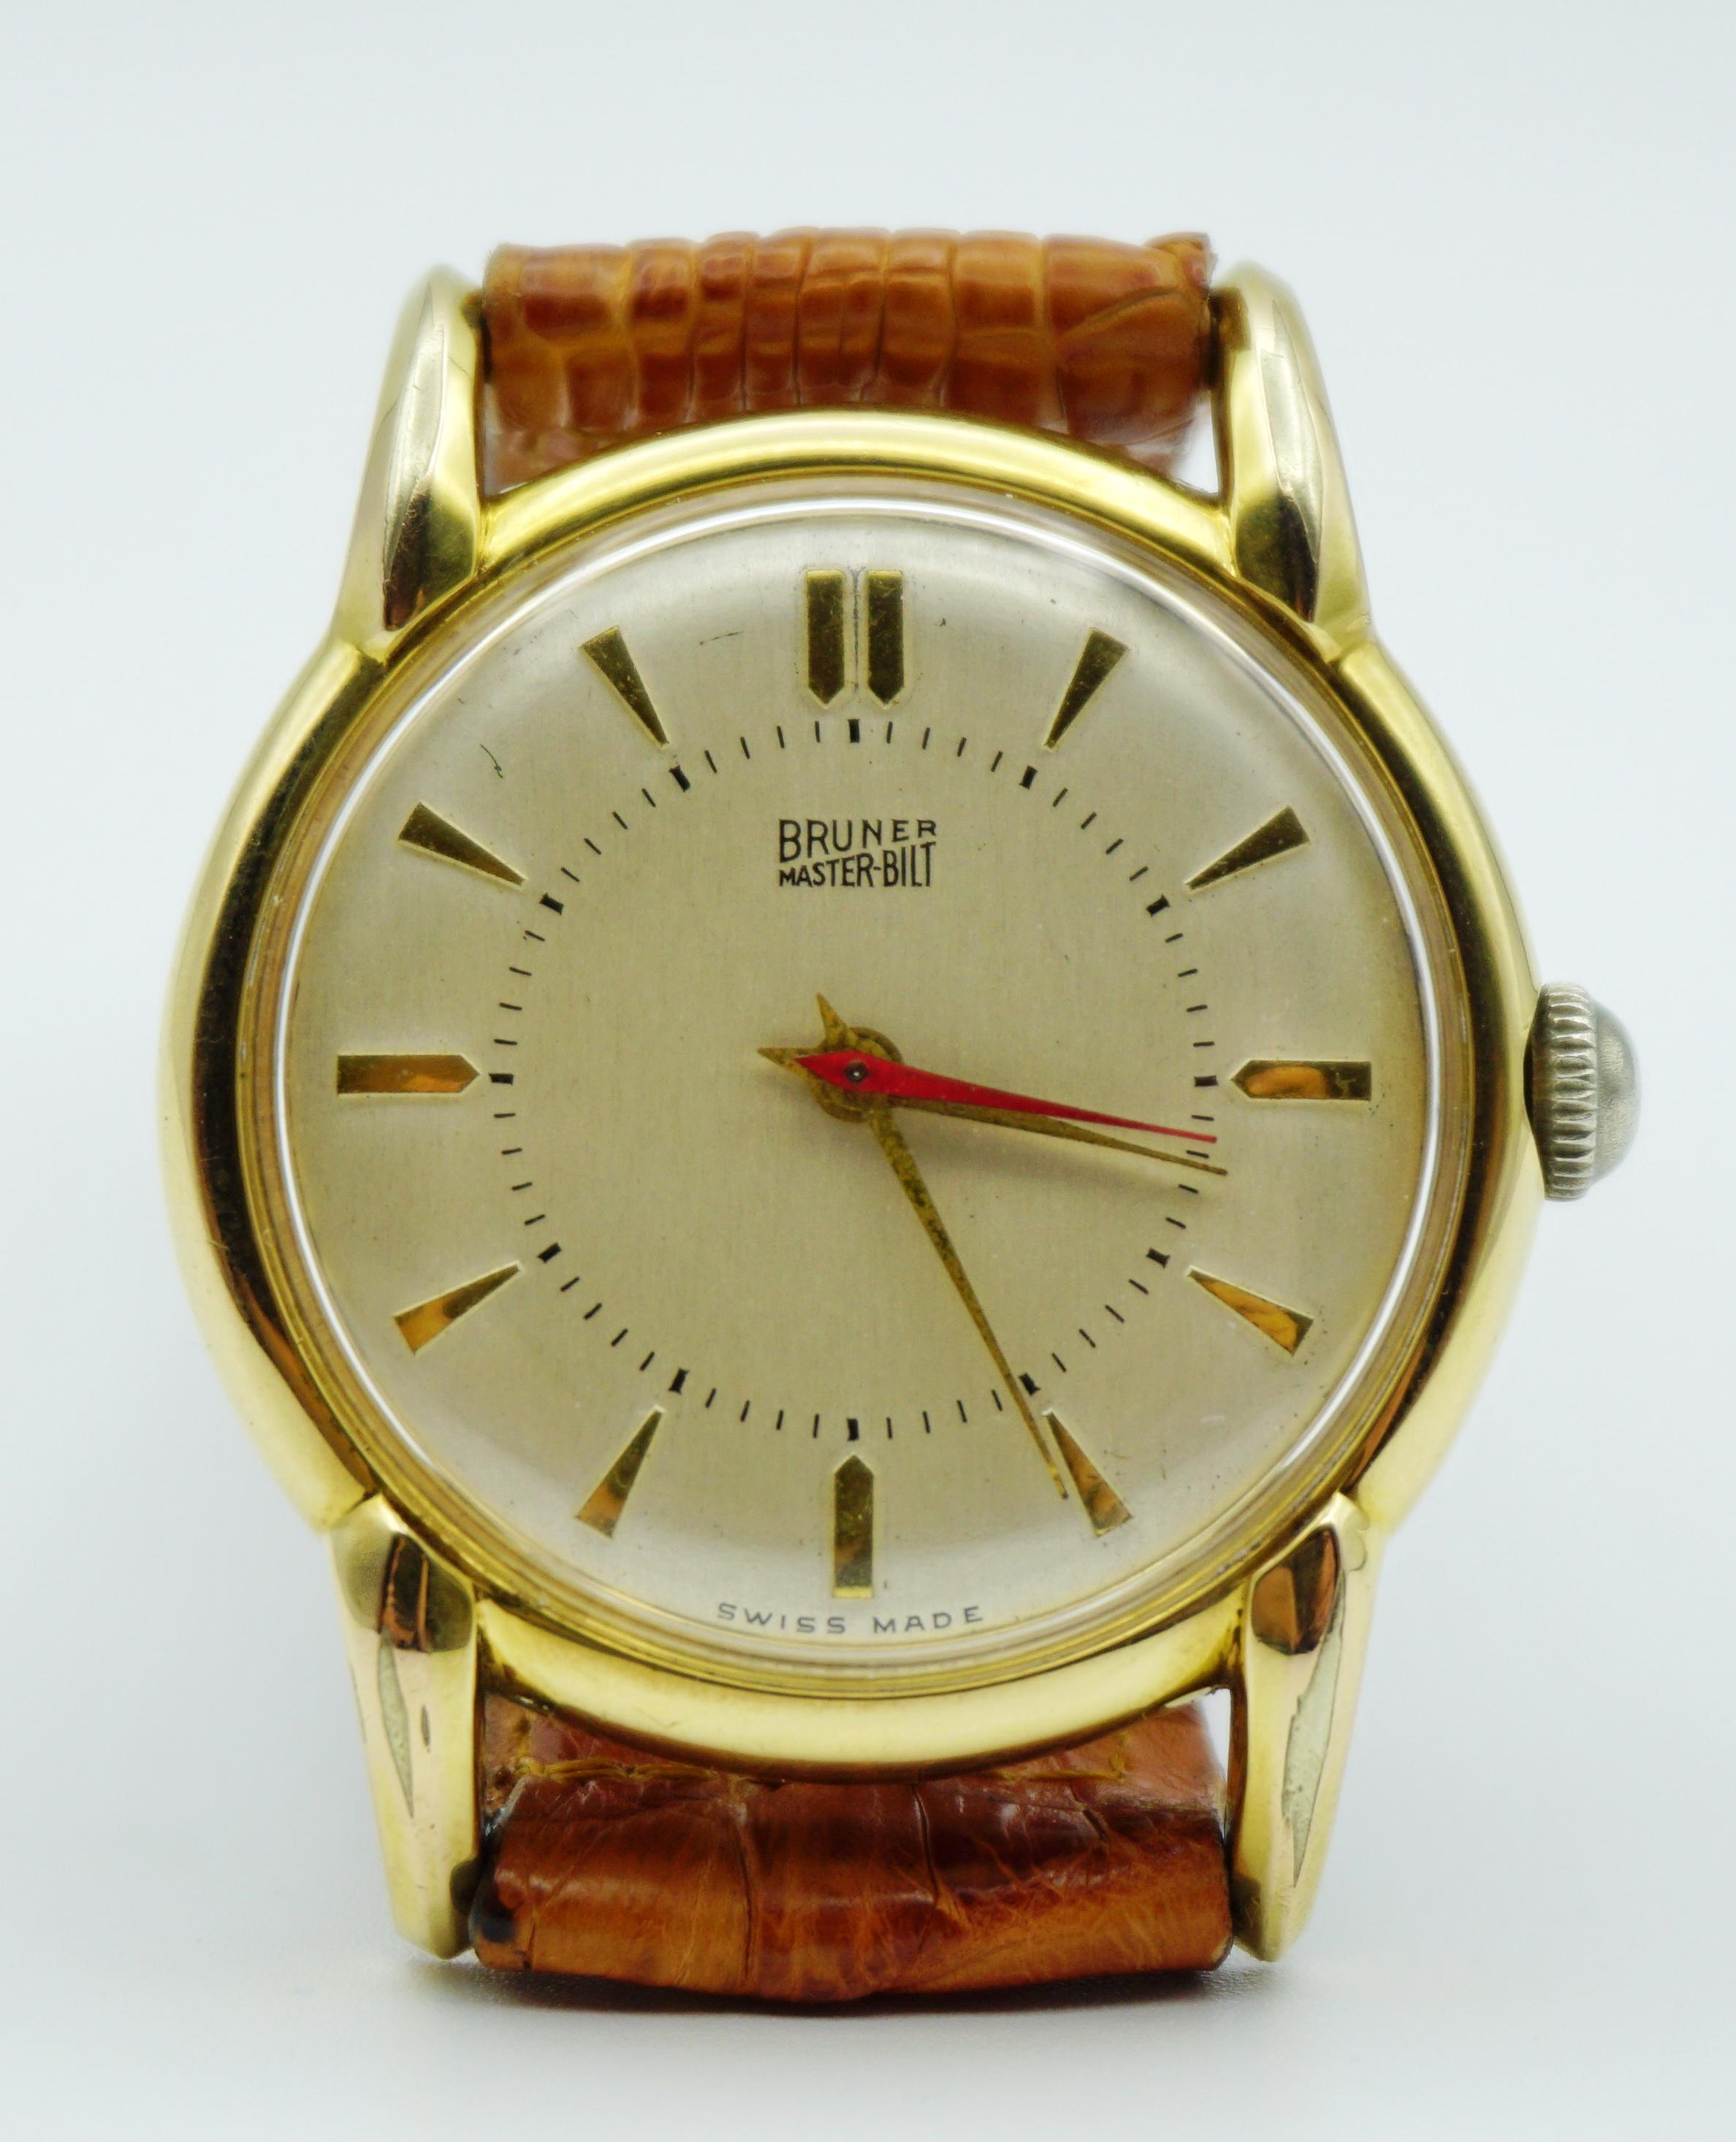 นาฬิกาเก่า BRUNER ออโตเมติก